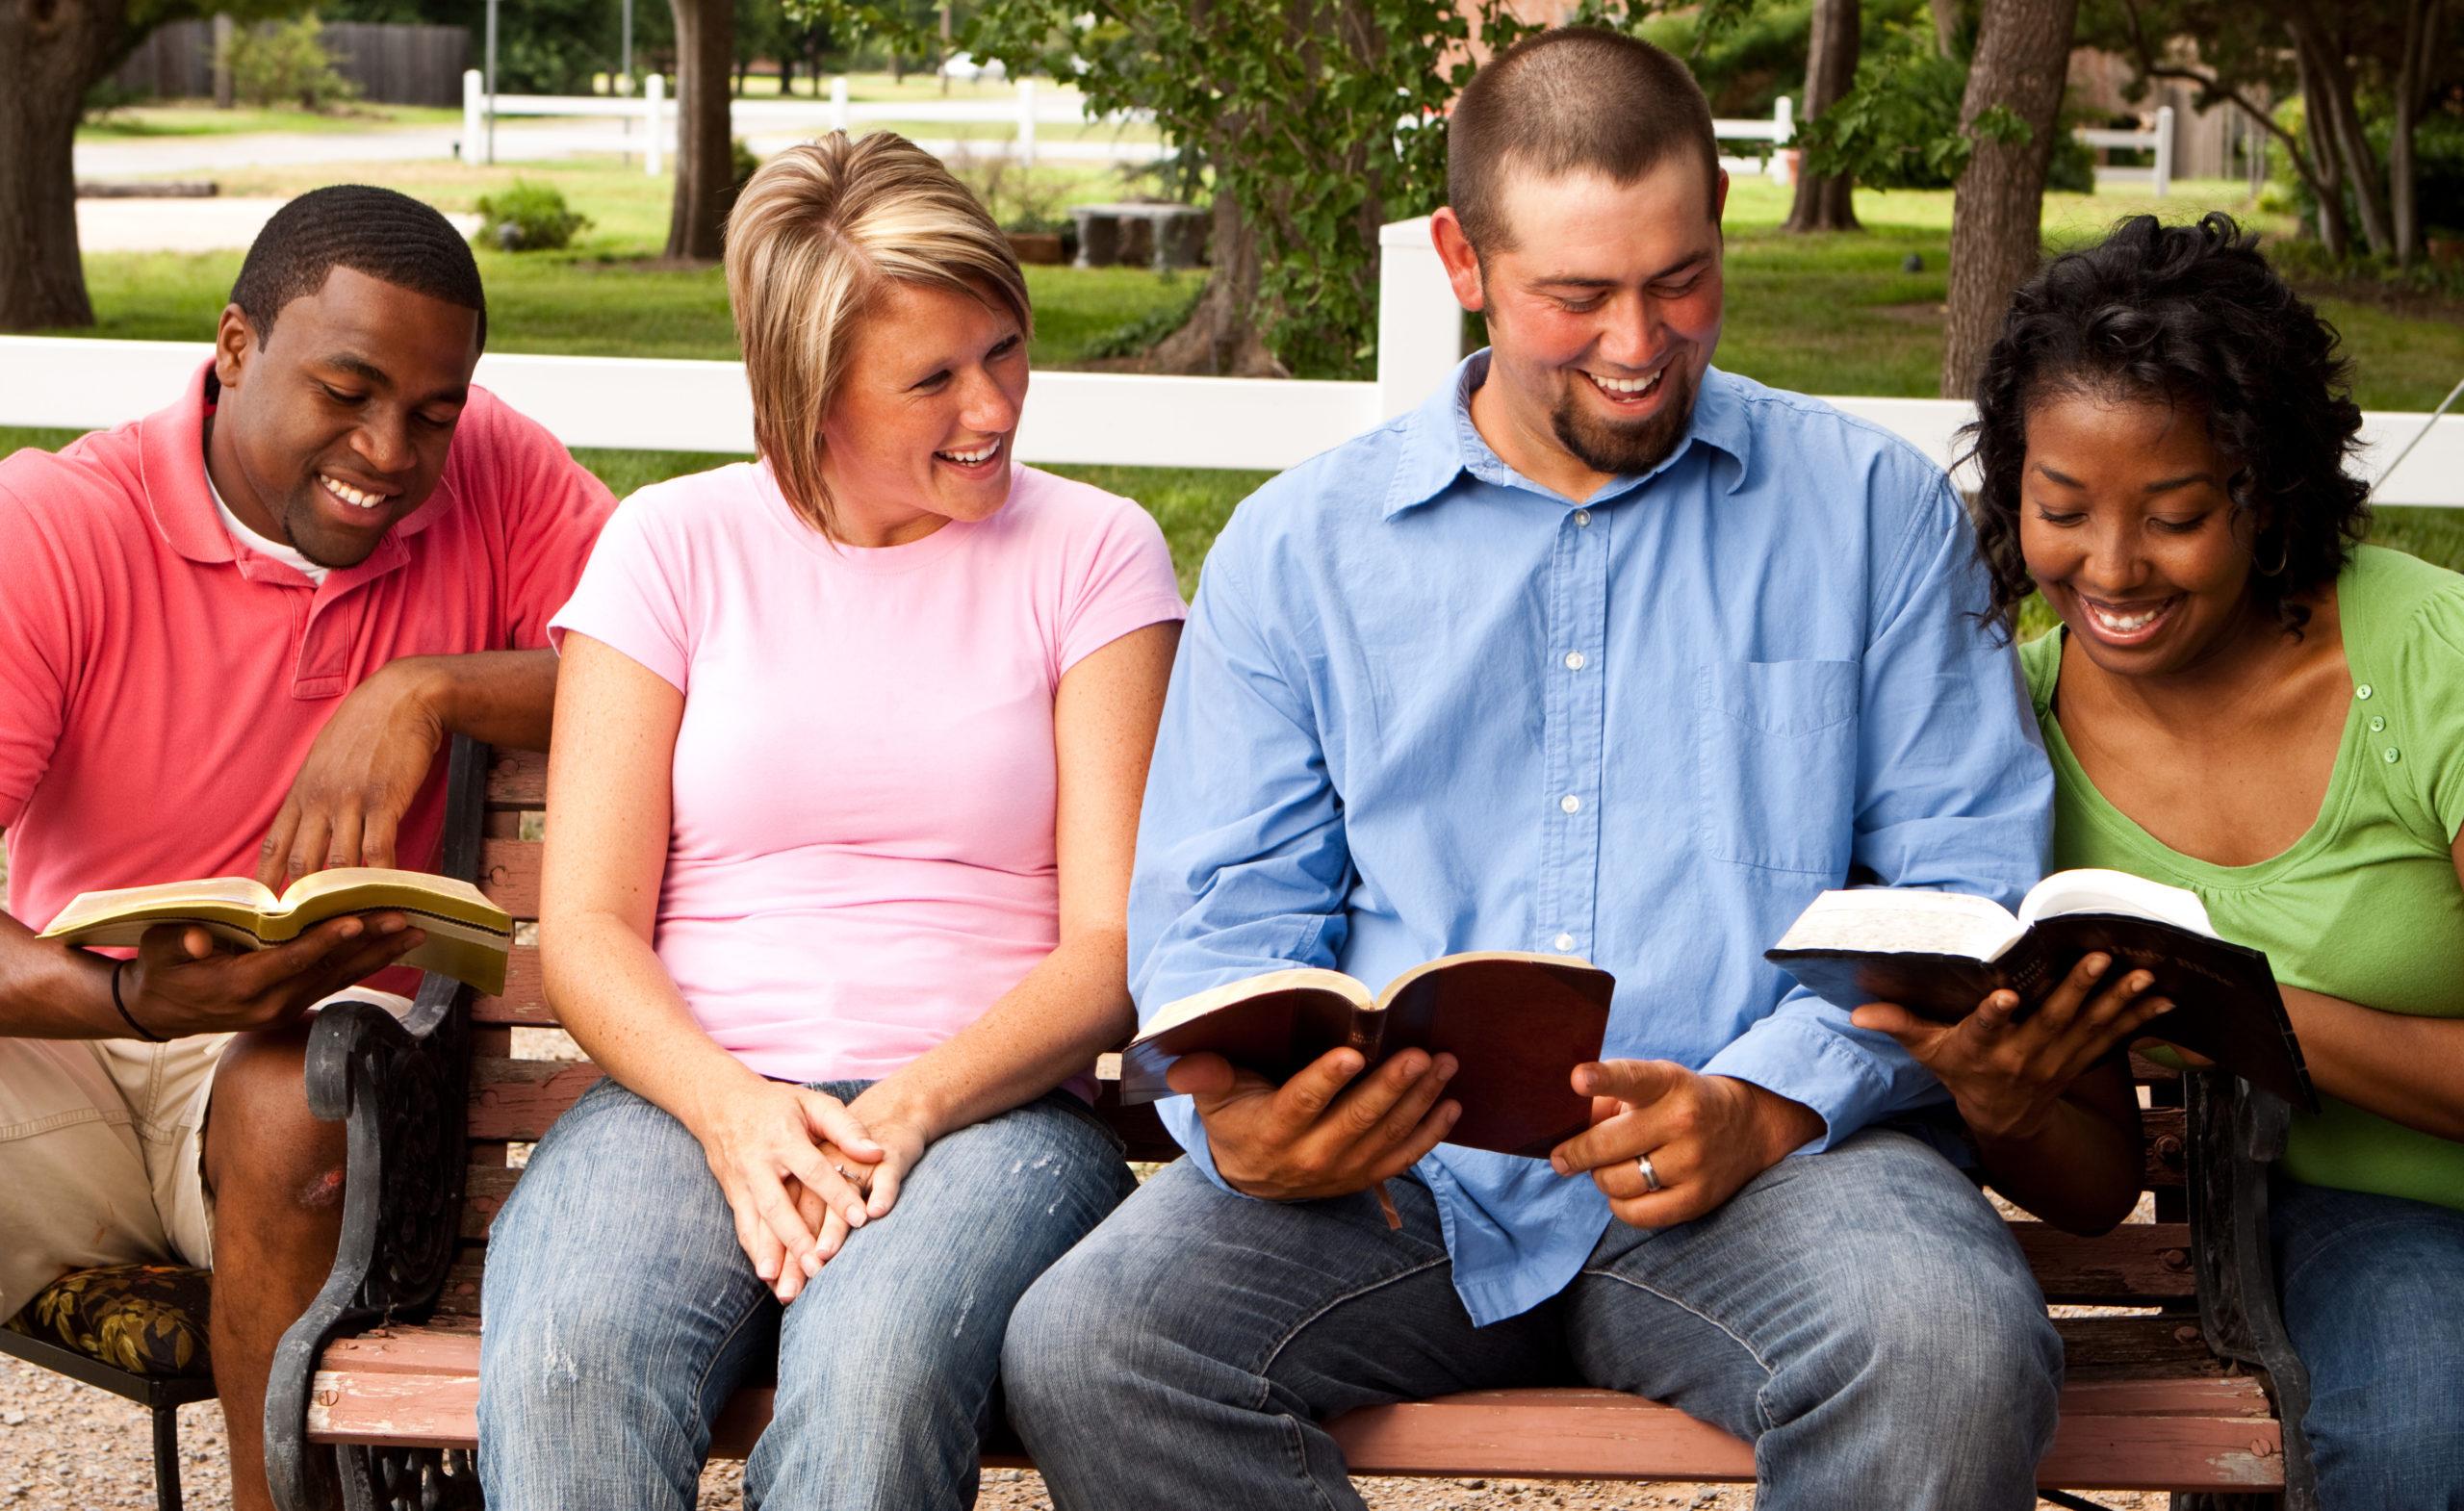 """""""Lorsqu'ils virent l'assurance de Pierre et de Jean, ils furent étonnés, sachant que c'étaient des hommes du peuple sans instruction; et ils les reconnurent pour avoir été avec Jésus."""" (Actes 4:13)"""